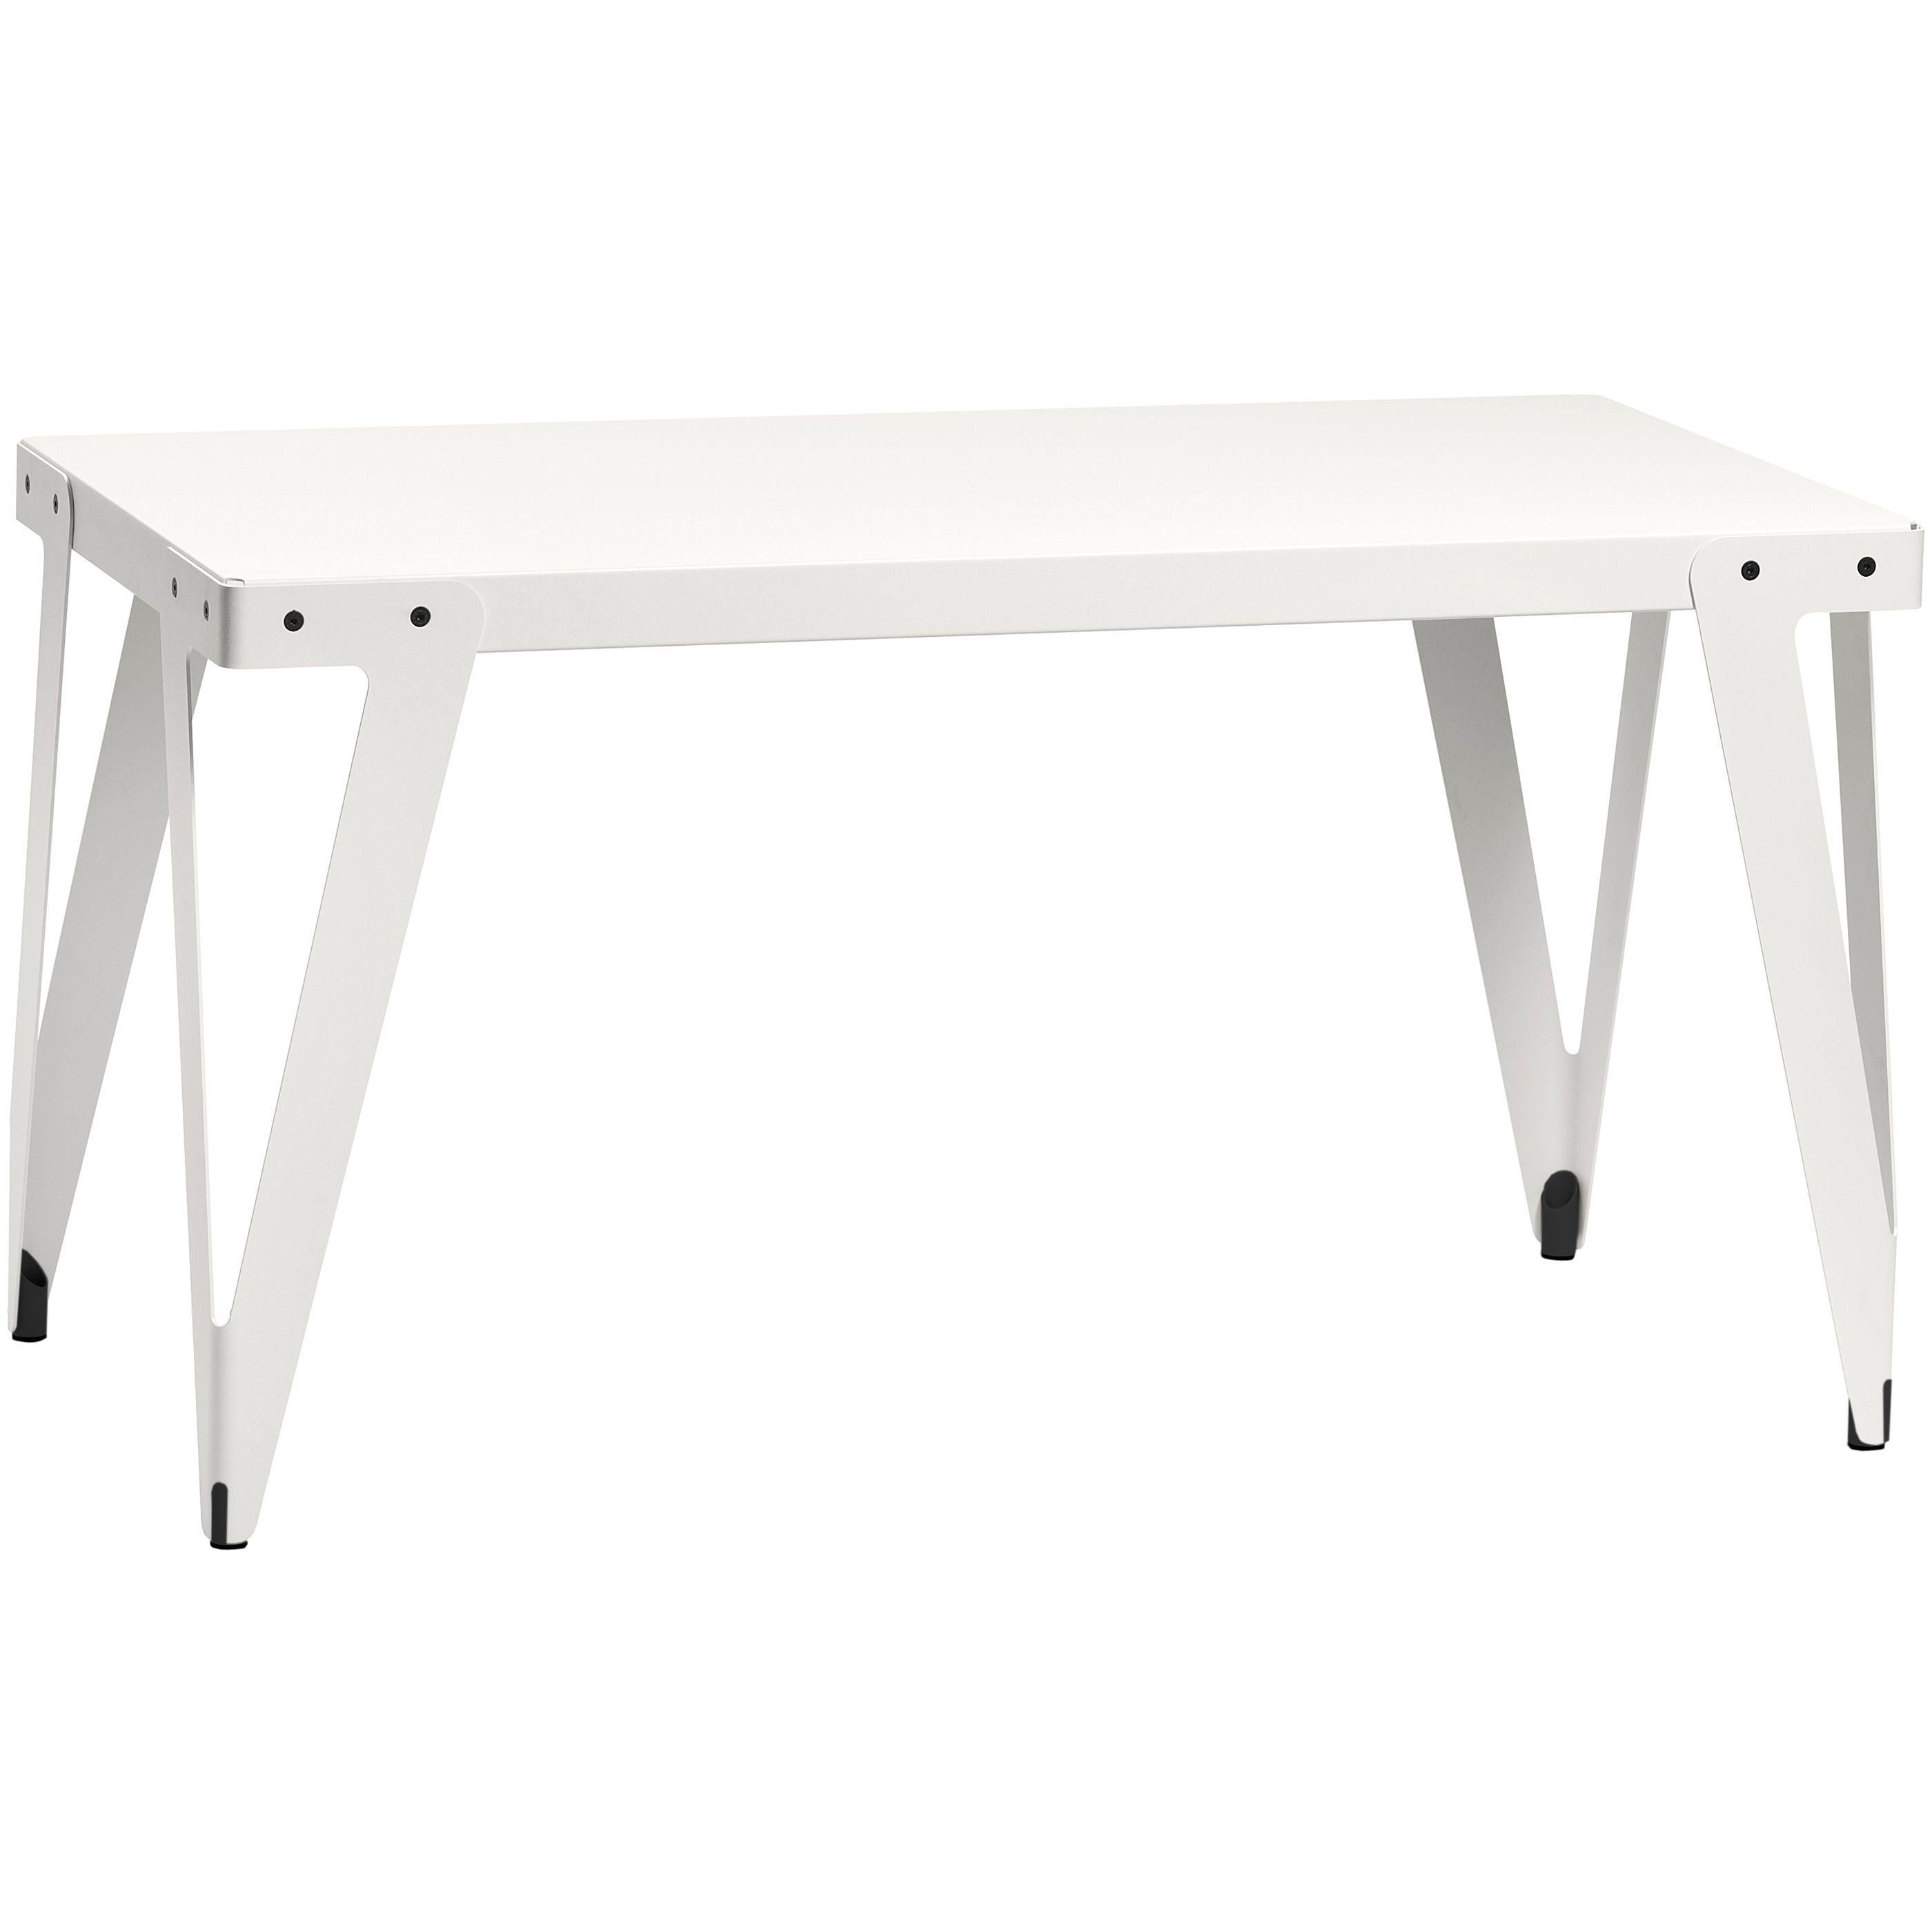 Functionals Lloyd Work Table bureau wit kopen